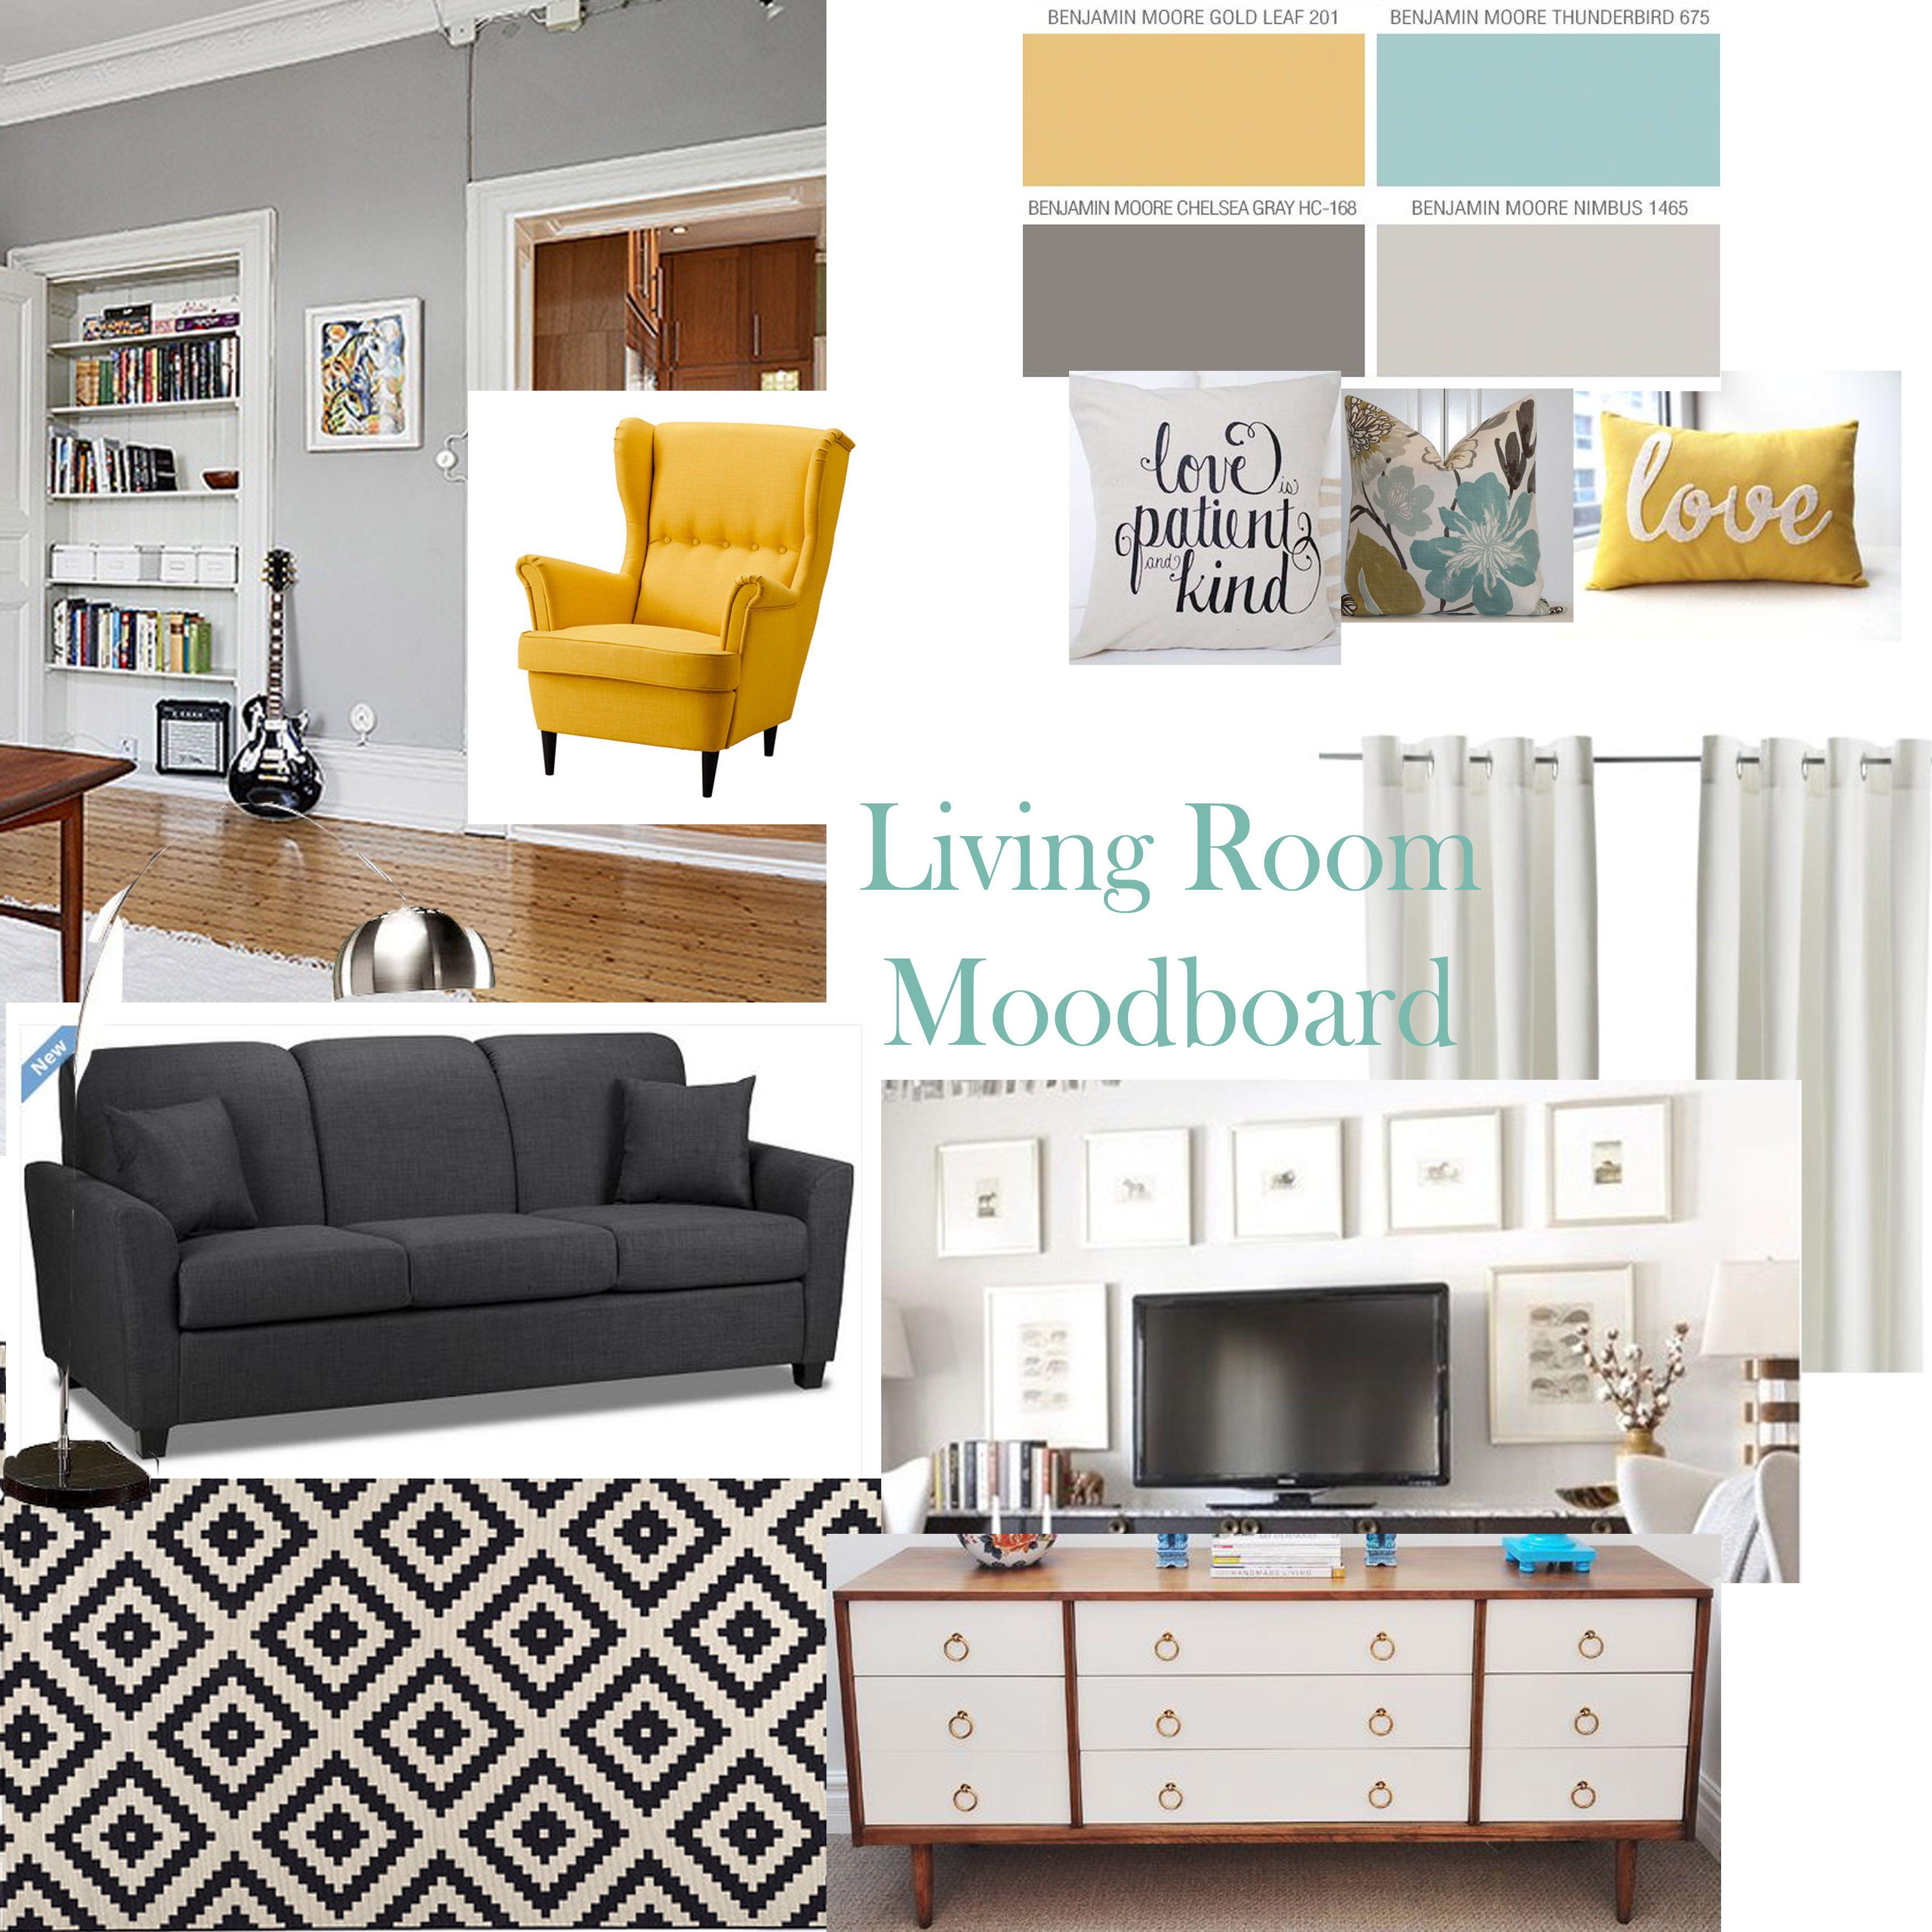 Gray aqua yellow living room, ikea LAPPLJUNG RUTA rug, vintage teak hutch makeover,